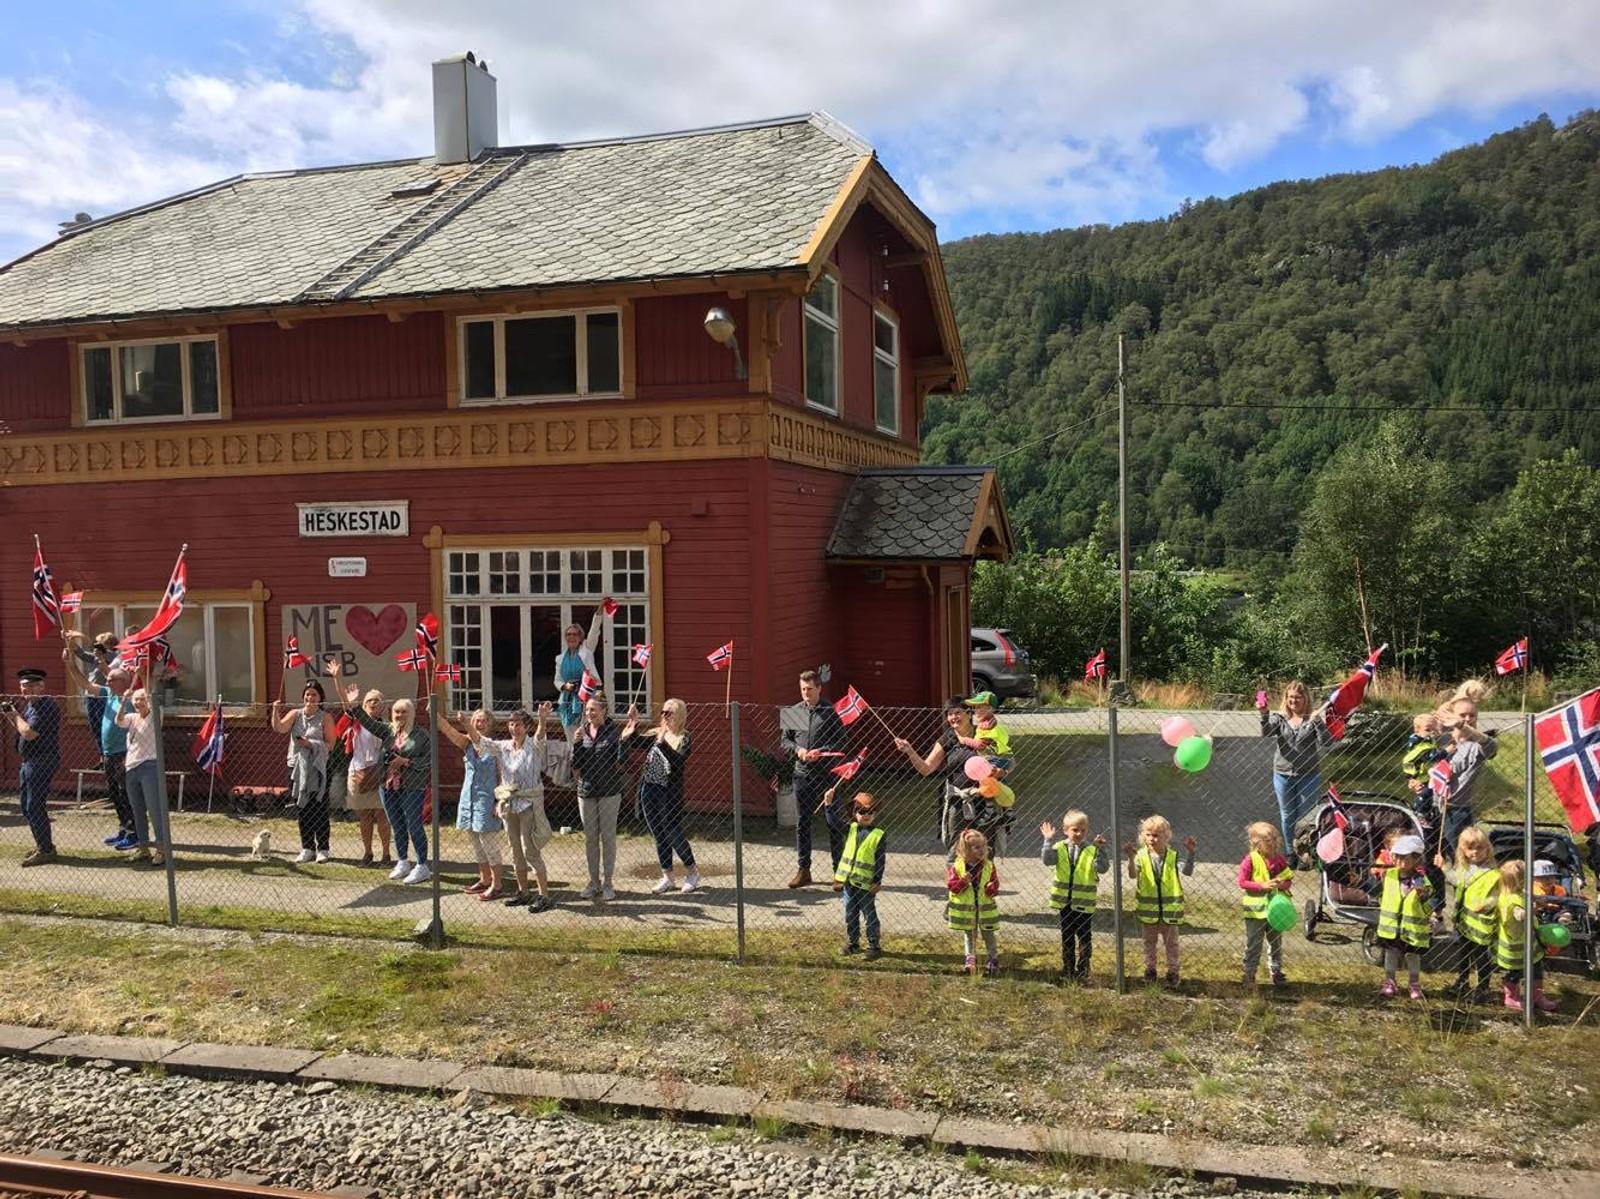 Ved Heskestad stasjon var det flere skuelystne som så Sommertoget tøffe forbi.